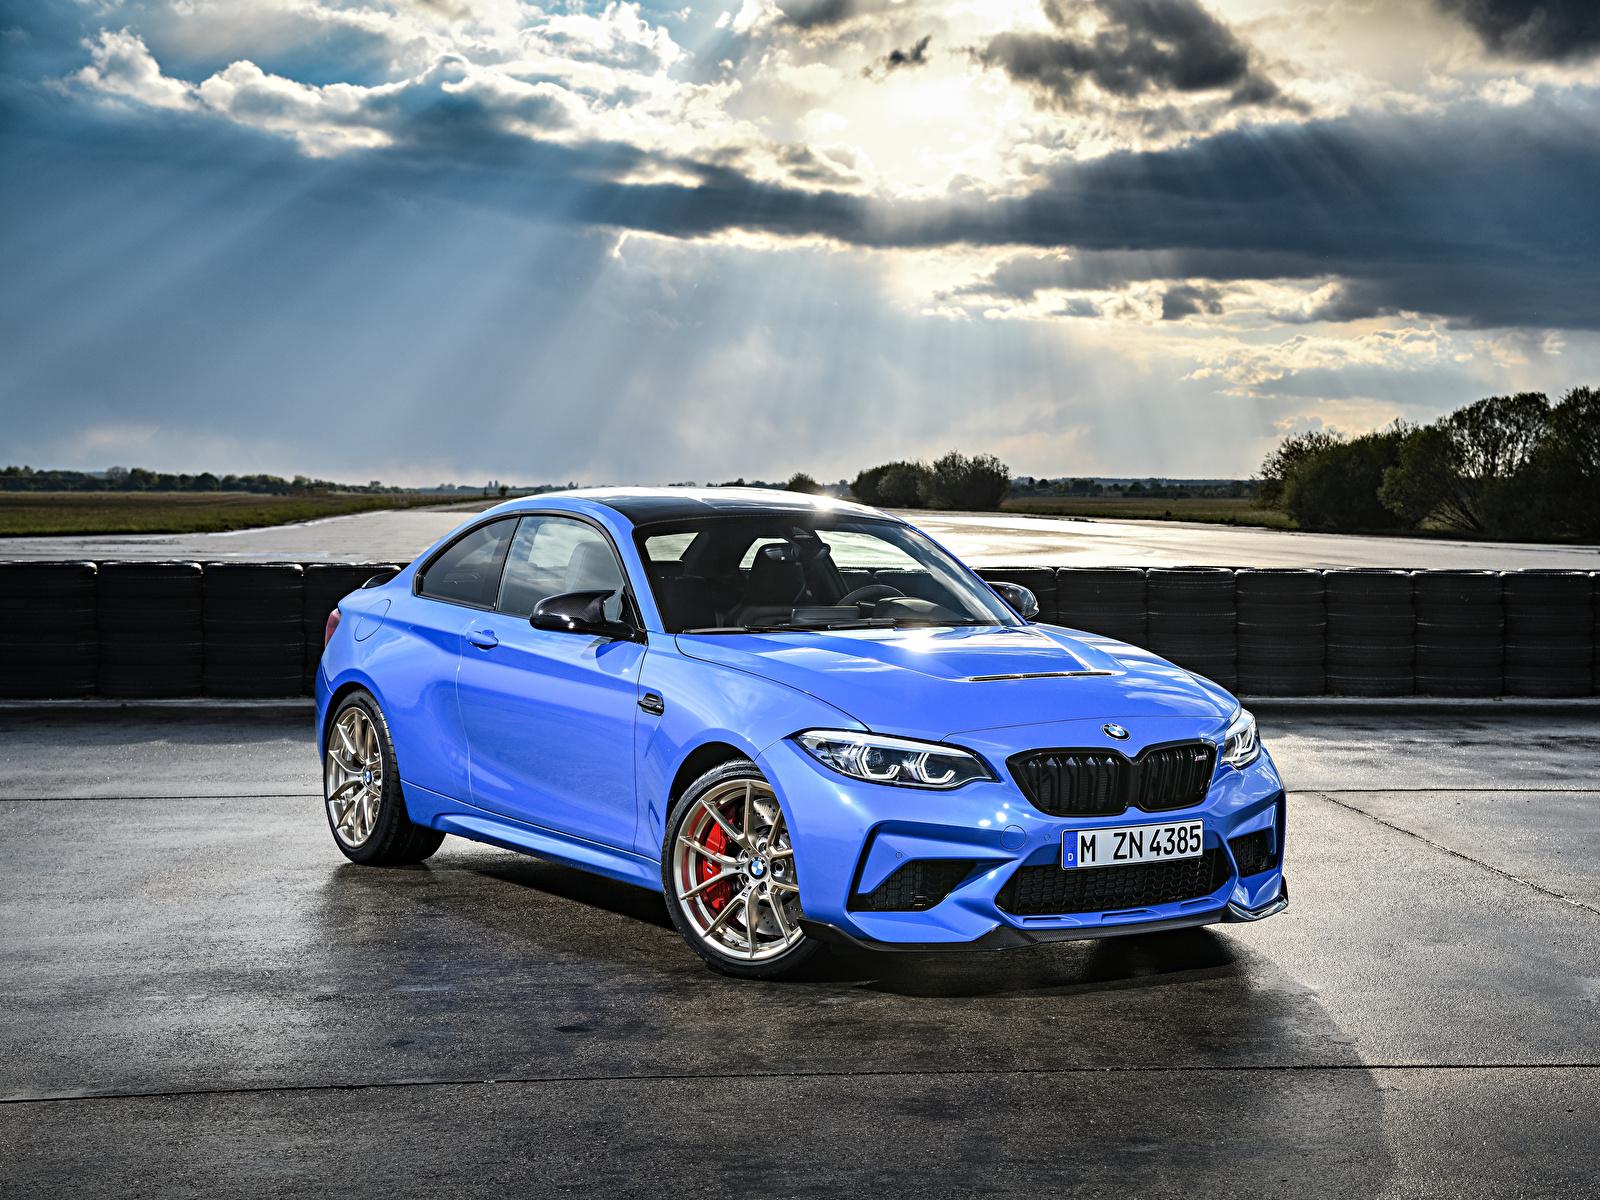 Фотография BMW 2019 M2 CS Worldwide голубая Металлик Автомобили 1600x1200 БМВ Голубой голубые голубых авто машины машина автомобиль